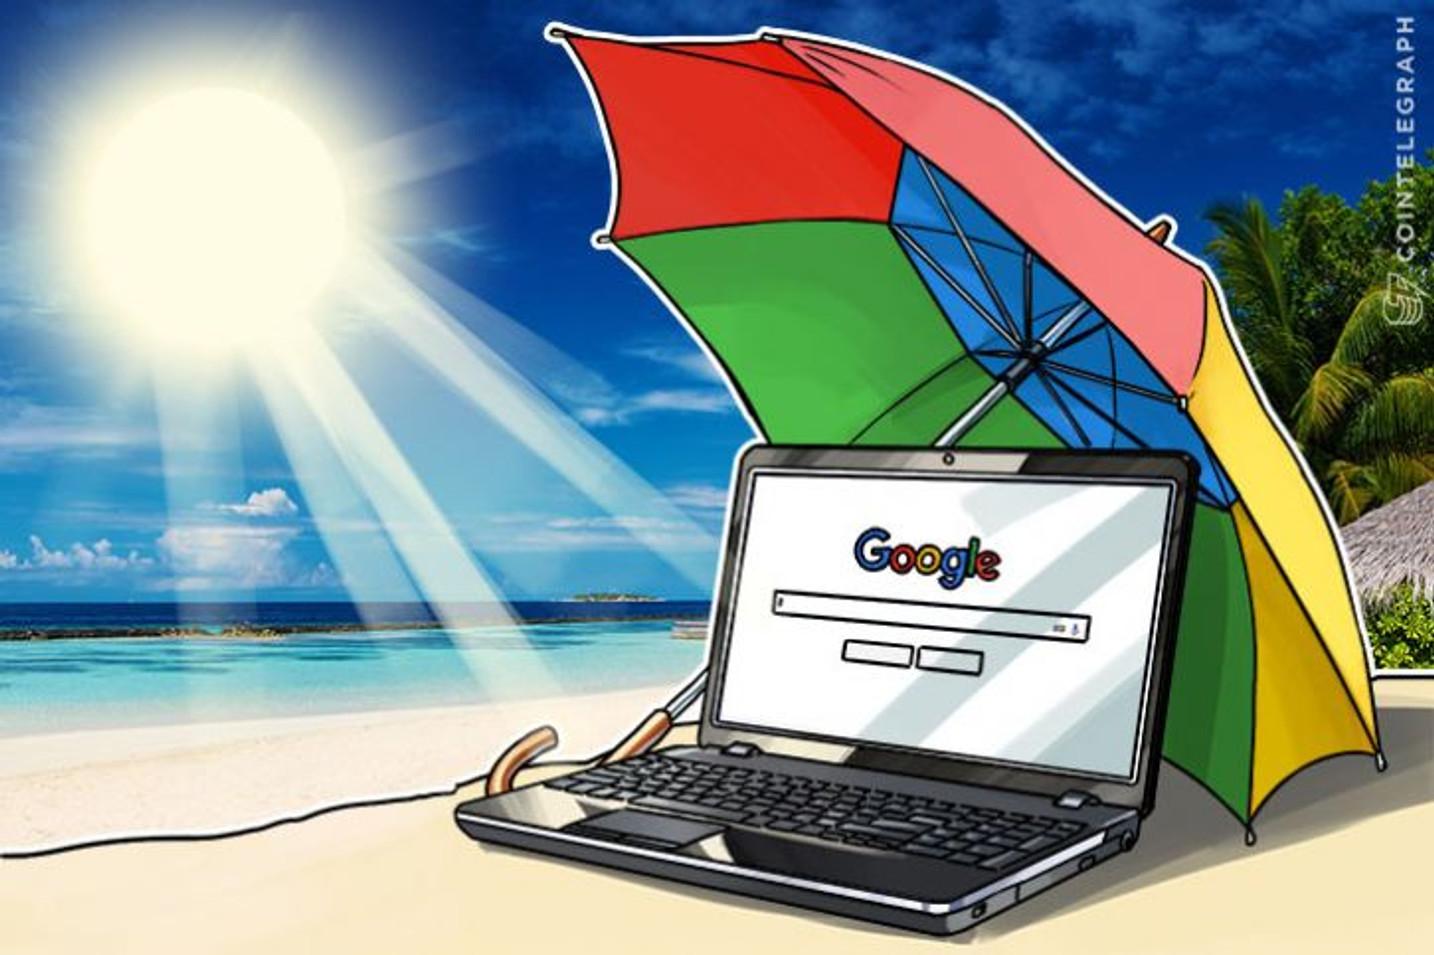 Google rivela due progetti Blockchain per la trasparenza dei dati